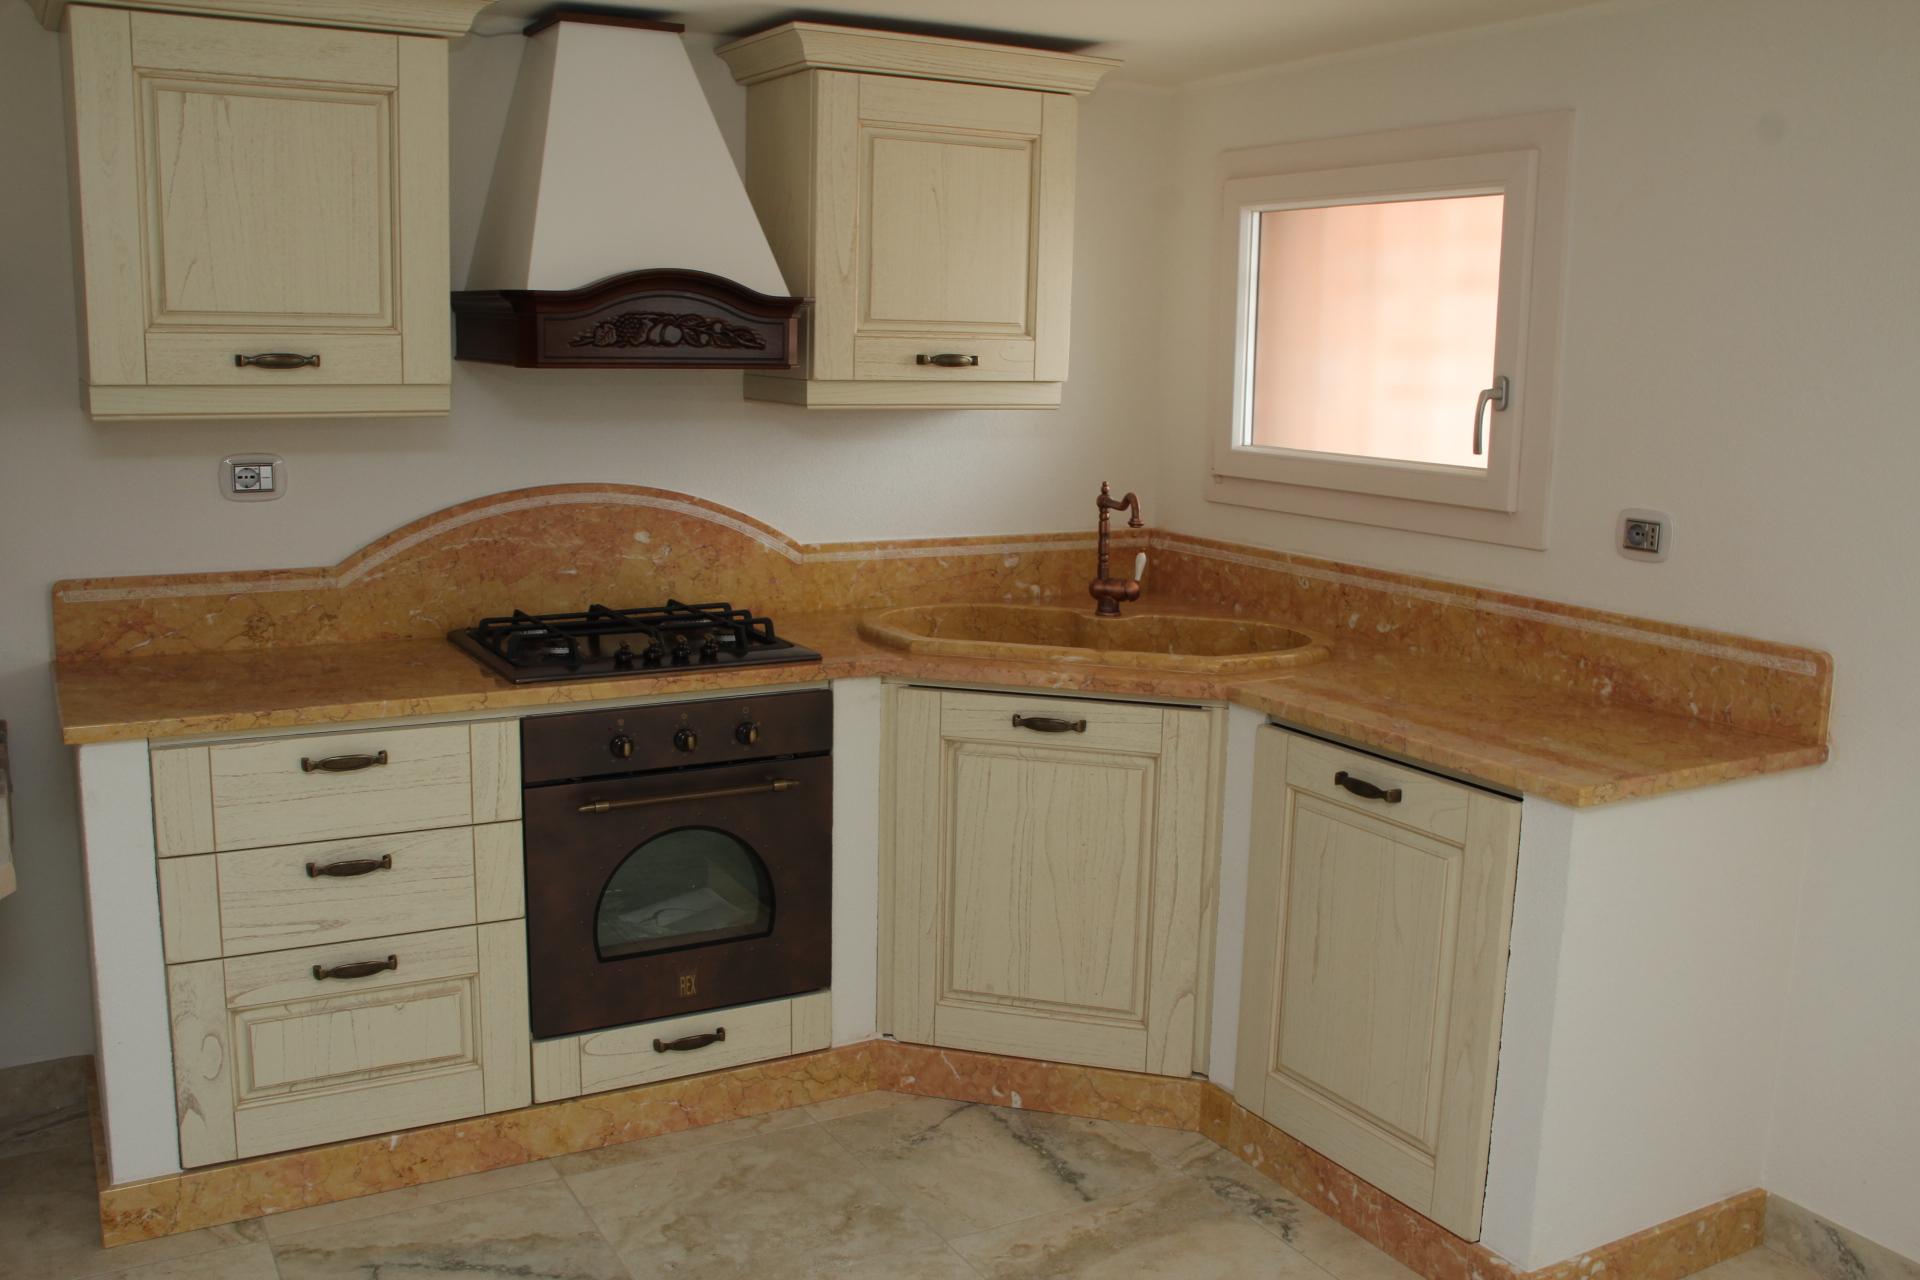 Foto di lastre di marmo a stock - Top cucina in marmo ...